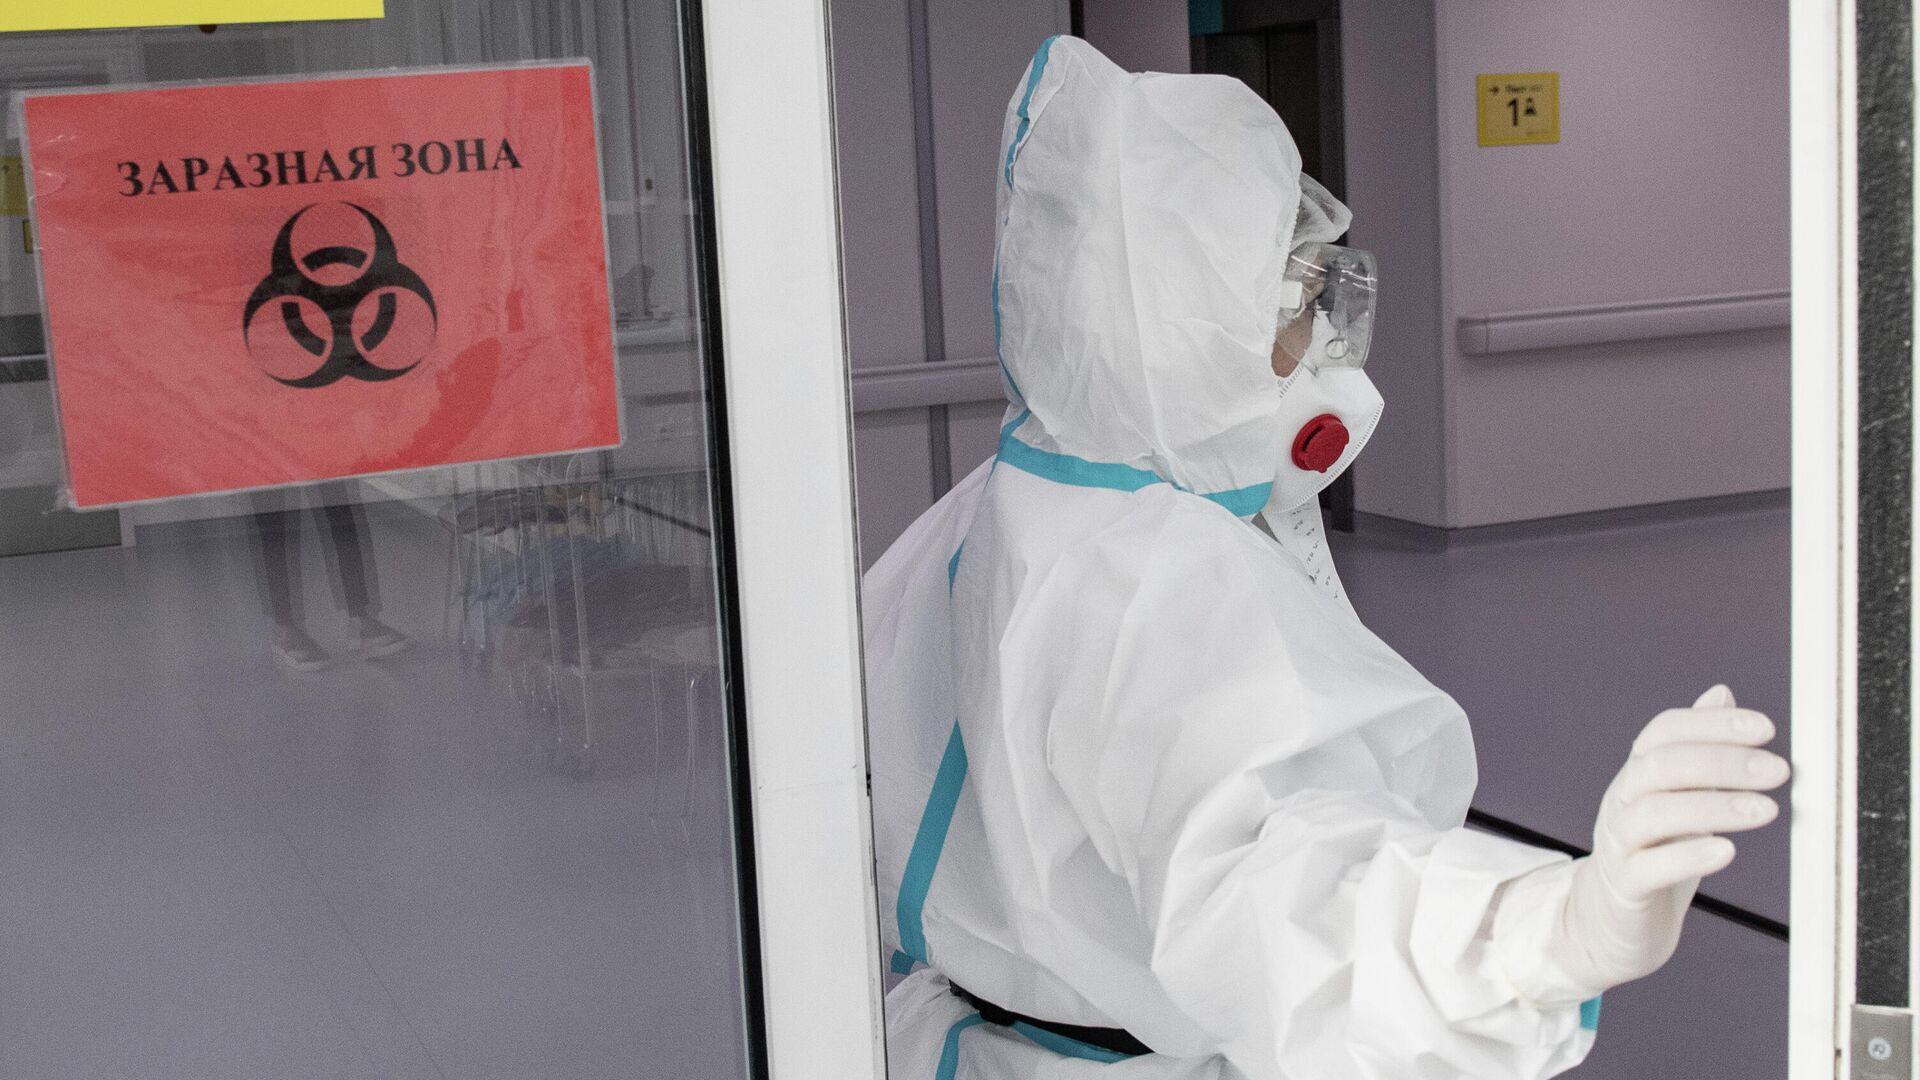 Врач городской клинической больницы №40 в Москве, где проходят лечение больные коронавирусной инфекцией  - РИА Новости, 1920, 04.07.2021